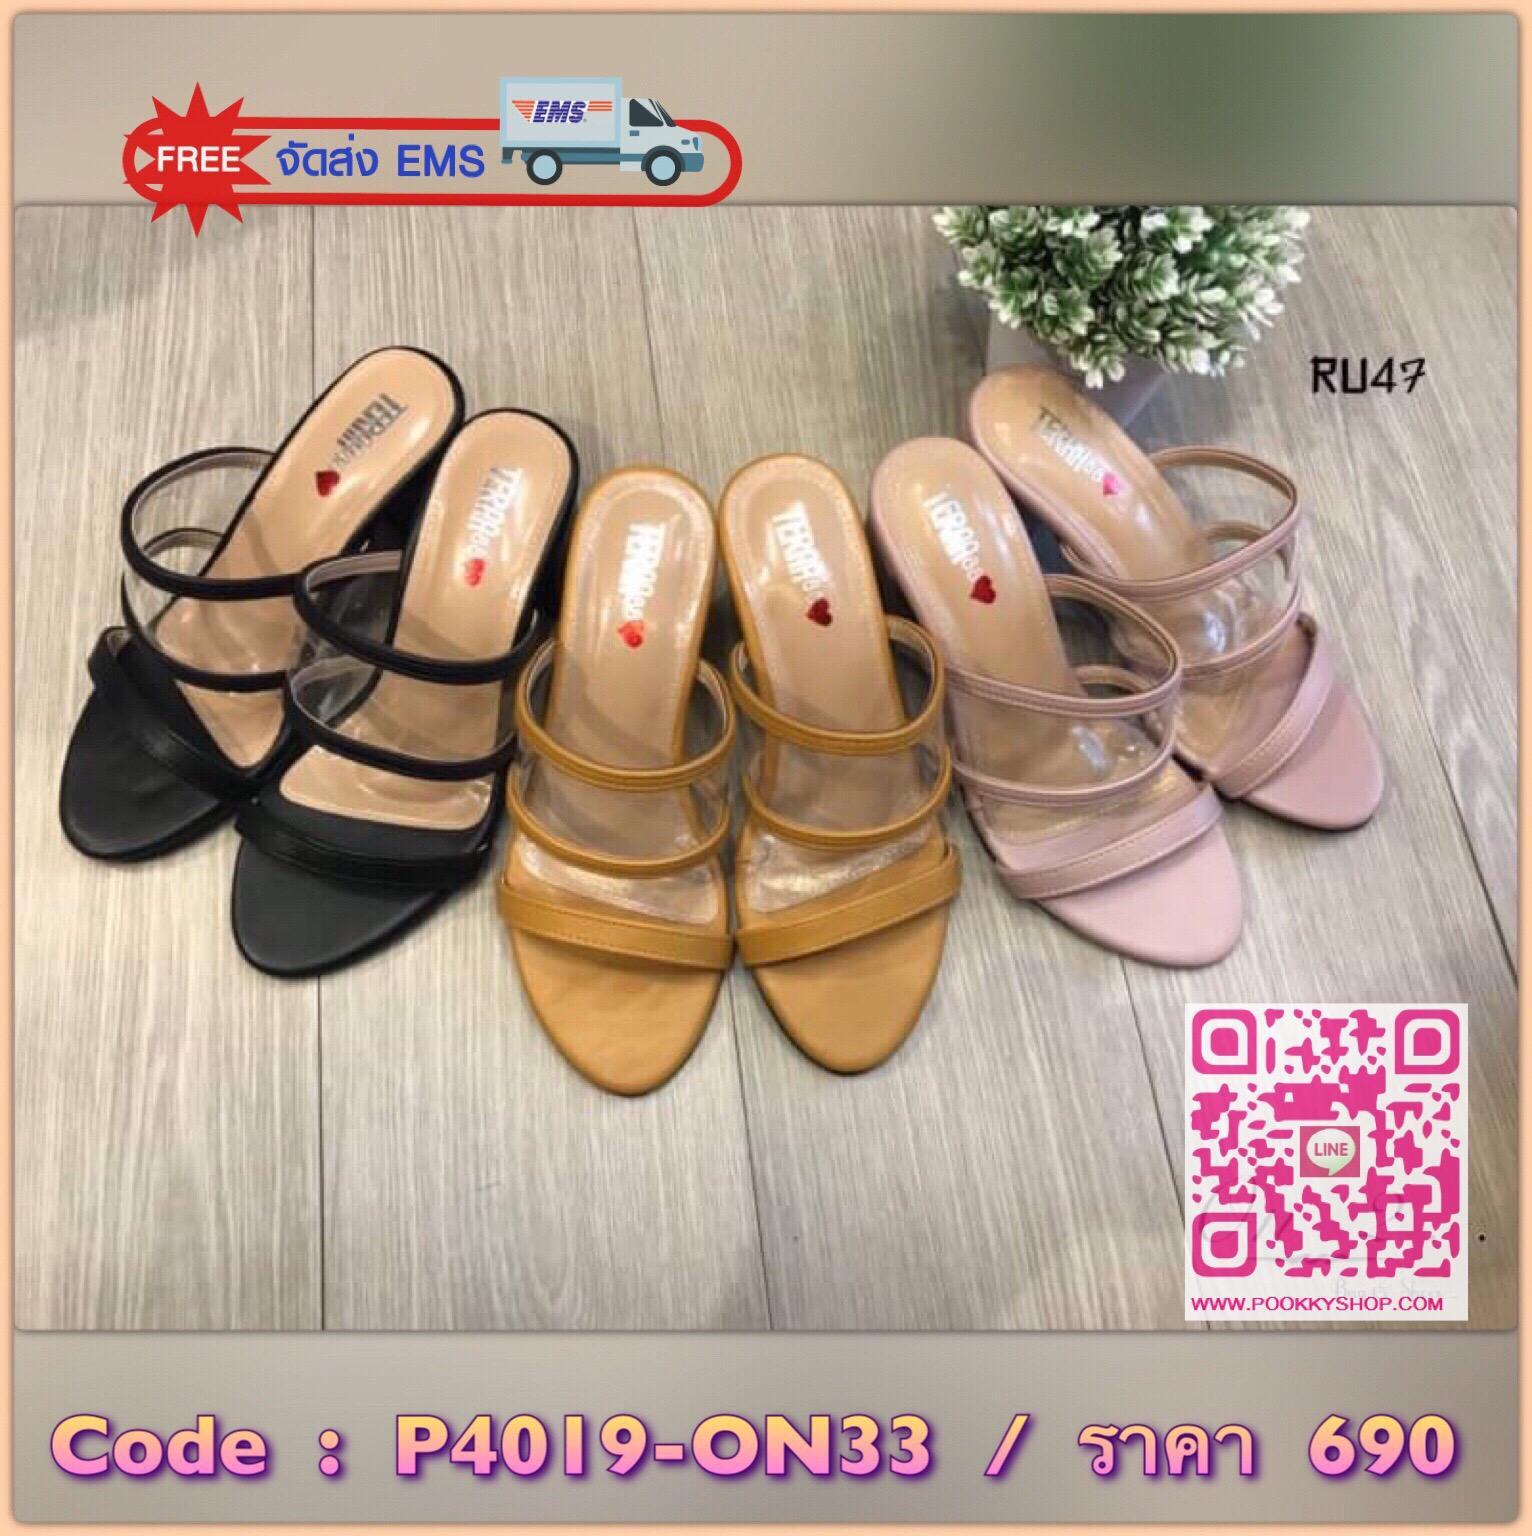 """Zara Shoes รองเท้าส้นสูงส้นใหญ่ วัสดุหนังpu แต่งคาดด้วยซิลิโคนใส นิ่มสบายไม่บาดเท้า ส้นใหญ่ใส่เดินสบายค่ะ สูงกำลังดี มี3 สีนะคะ สูง3"""""""